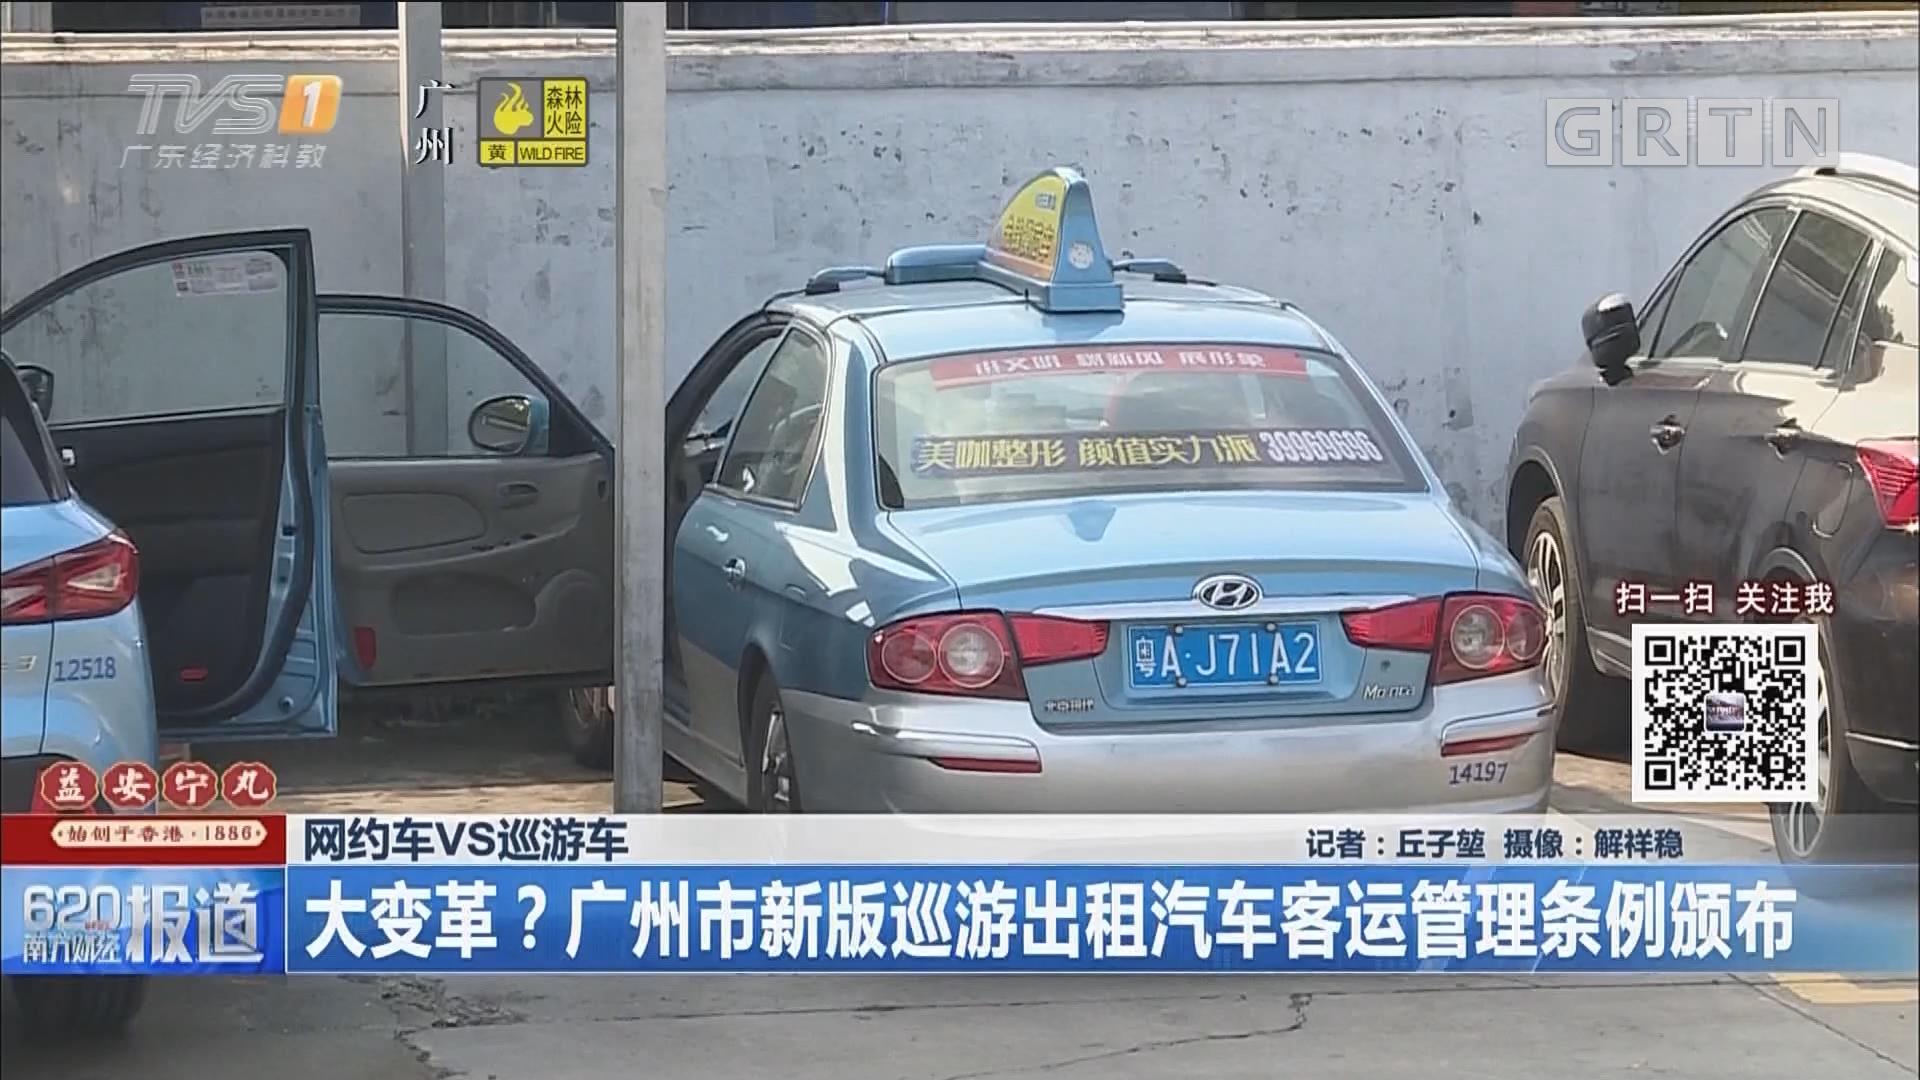 网约车VS巡游车:大变革?广州市新版巡游出租汽车客运管理条例颁布